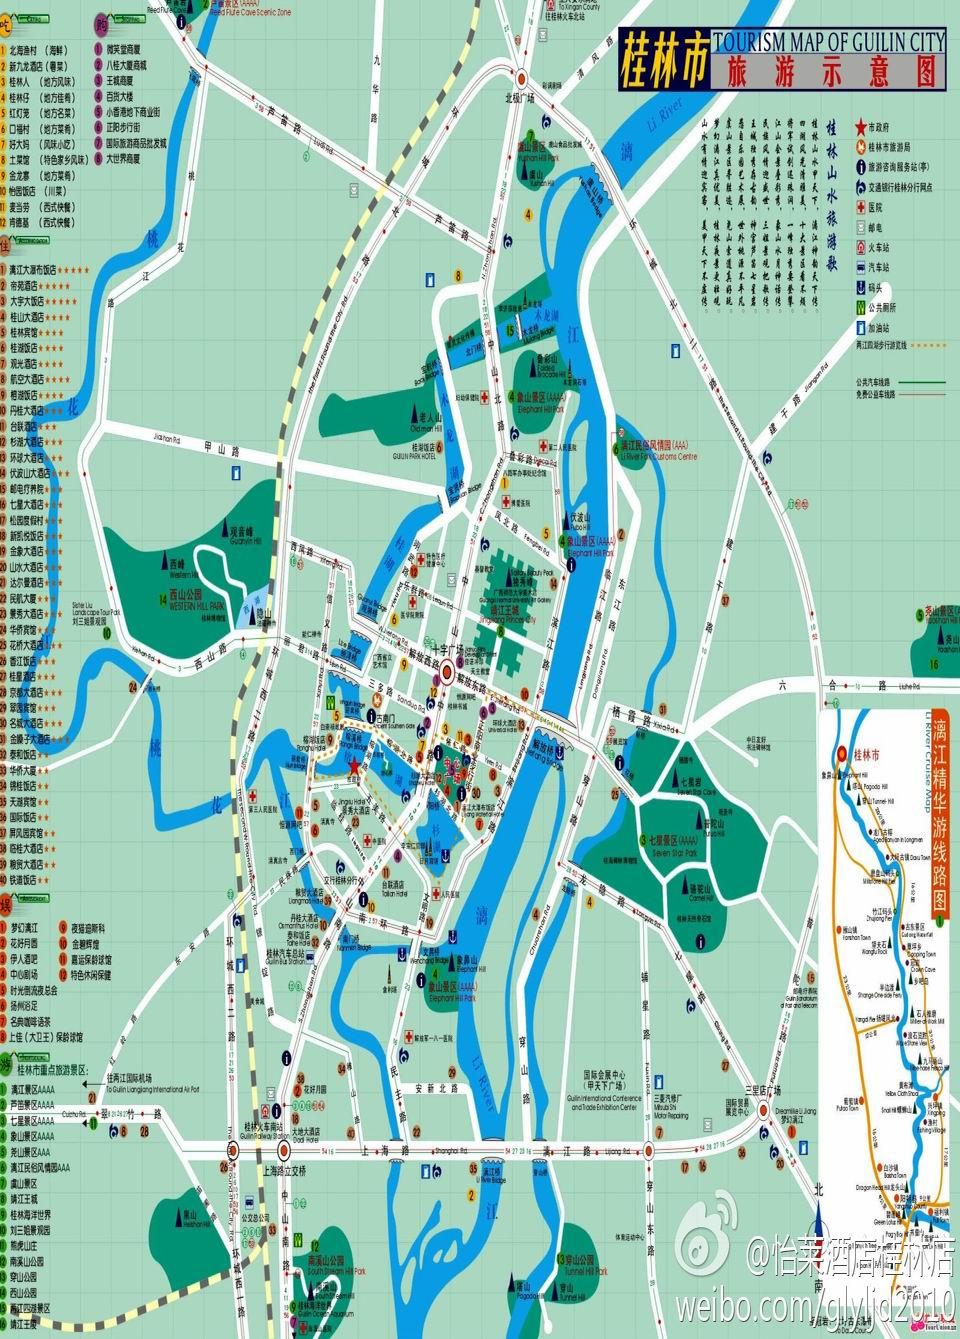 桂林旅游地图下载